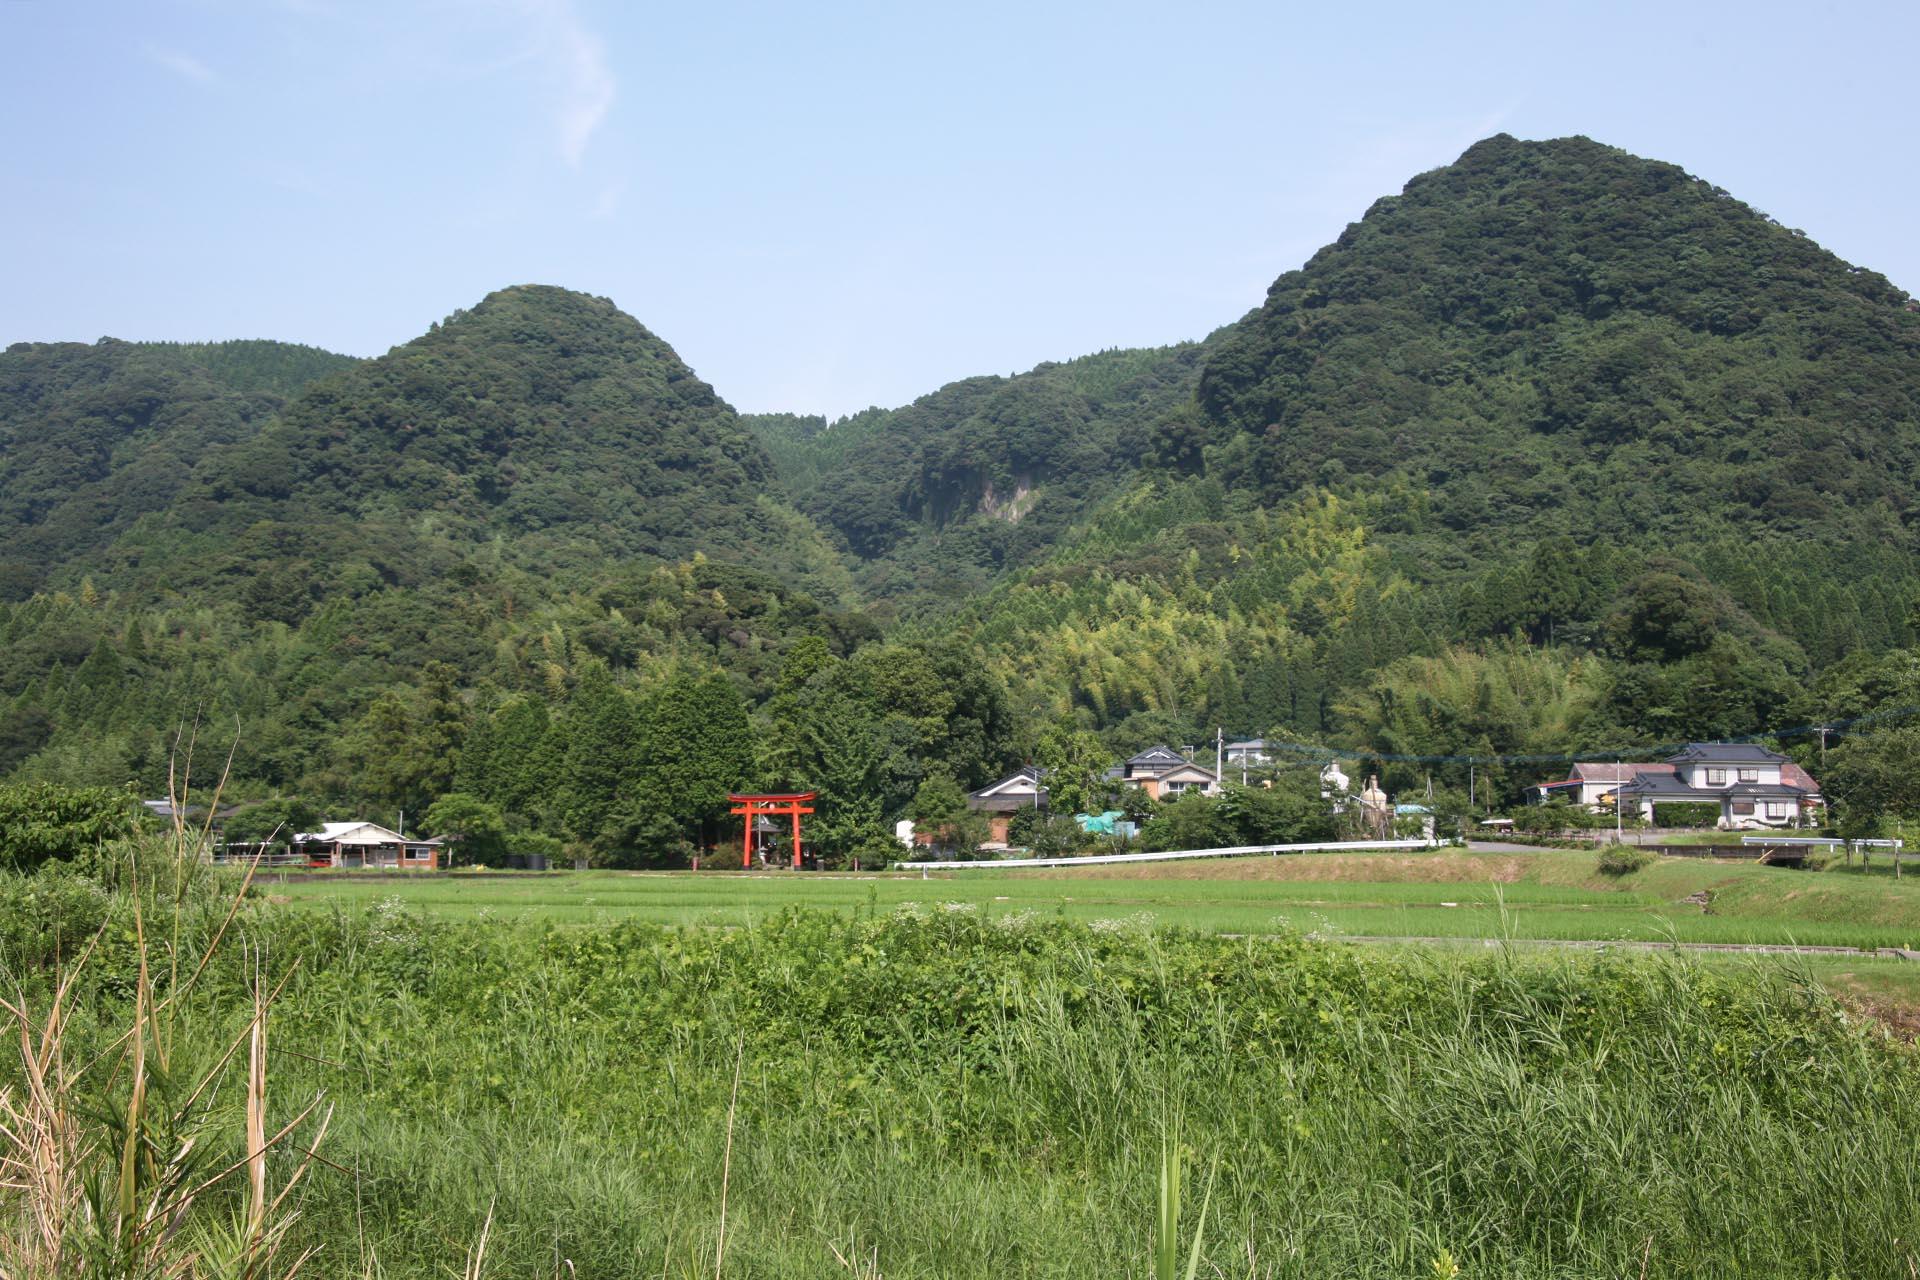 夏の霧島 鳥居のある風景 鹿児島の風景